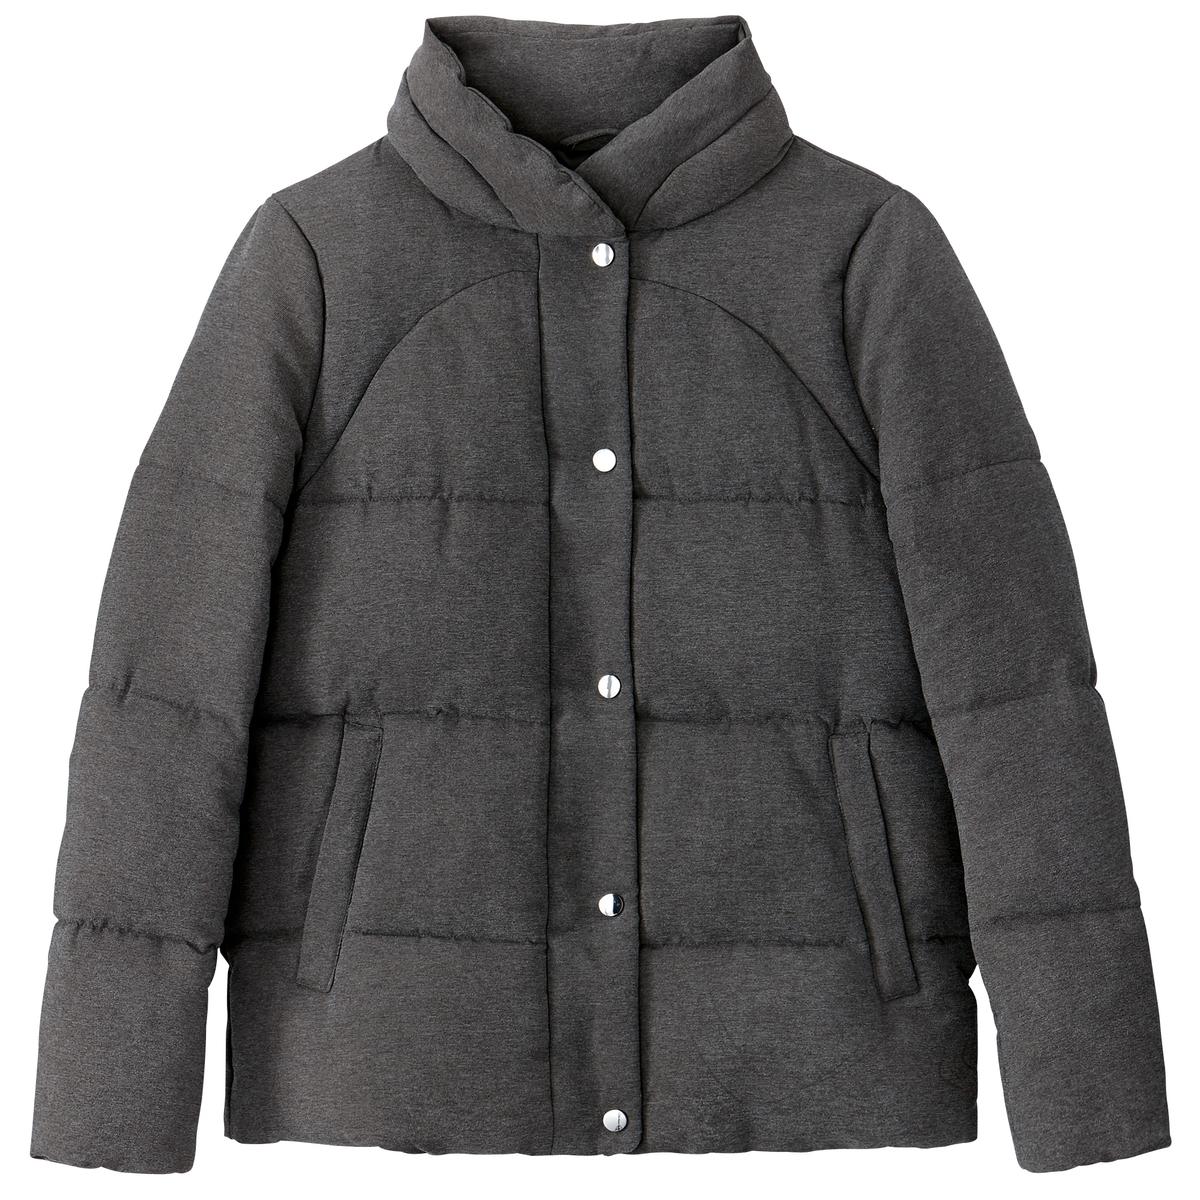 Куртка с воротником-стойкойДетали •  Длина  : укороченная модель •  Воротник-стойка •  Застежка на кнопки Состав и уход •  100% полиэстер  • Не стирать •  Деликатная сухая чистка / не отбеливать  •  Не использовать барабанную сушку   •  Не гладить<br><br>Цвет: темно-серый меланж<br>Размер: 44 (FR) - 50 (RUS)